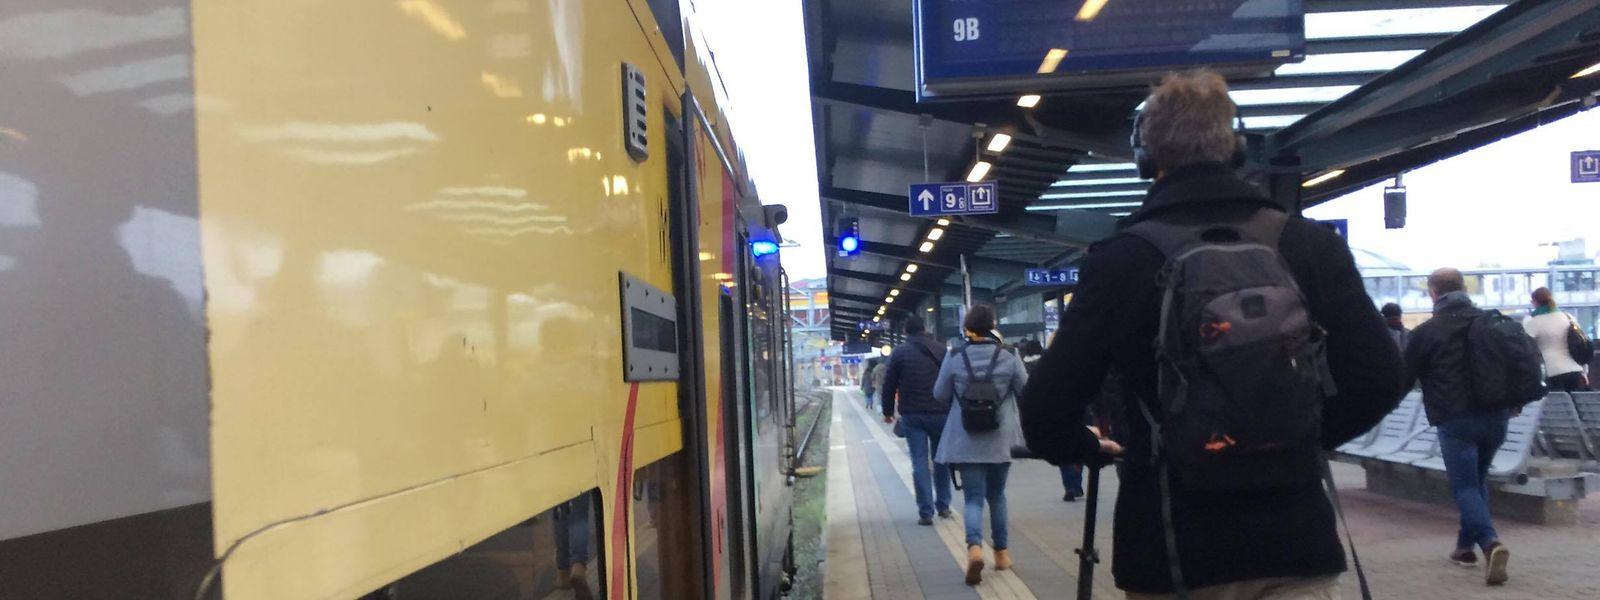 Les trains frontaliers vont devoir s'adapter d'ici le 1er janvier au changement opéré par les CFL.